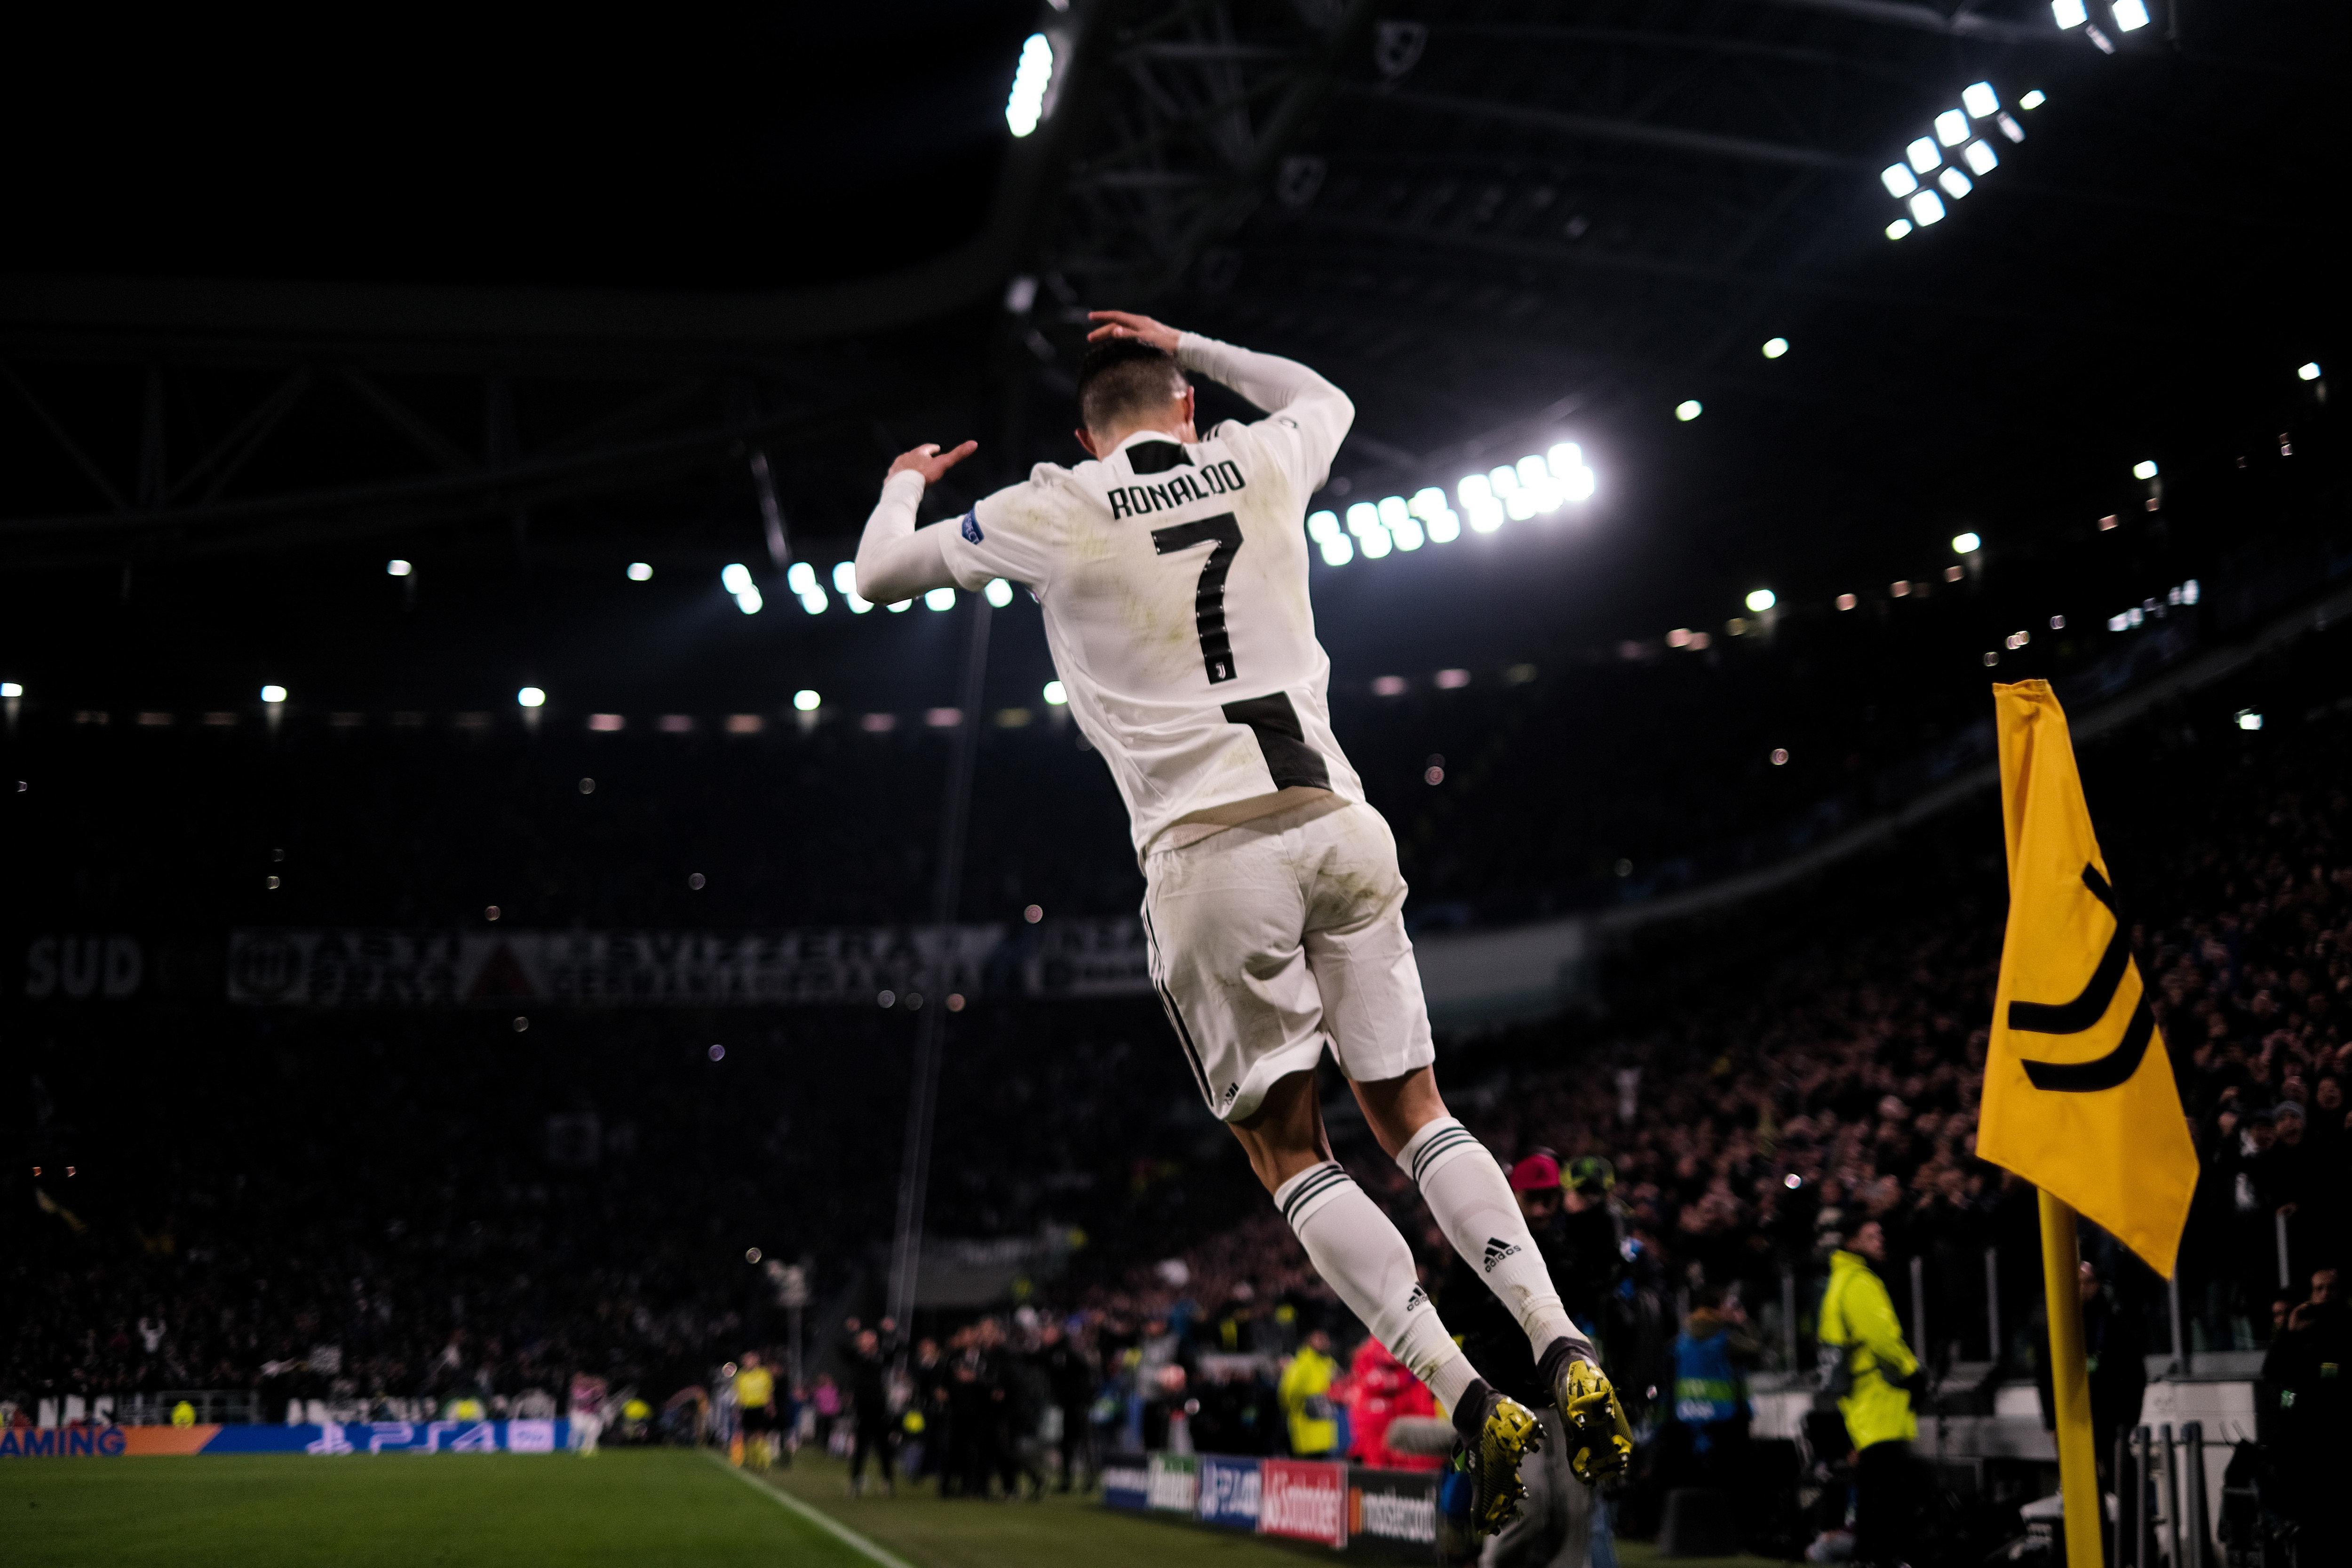 La Remontada de la Juventus grâce à un Cristiano Ronaldo